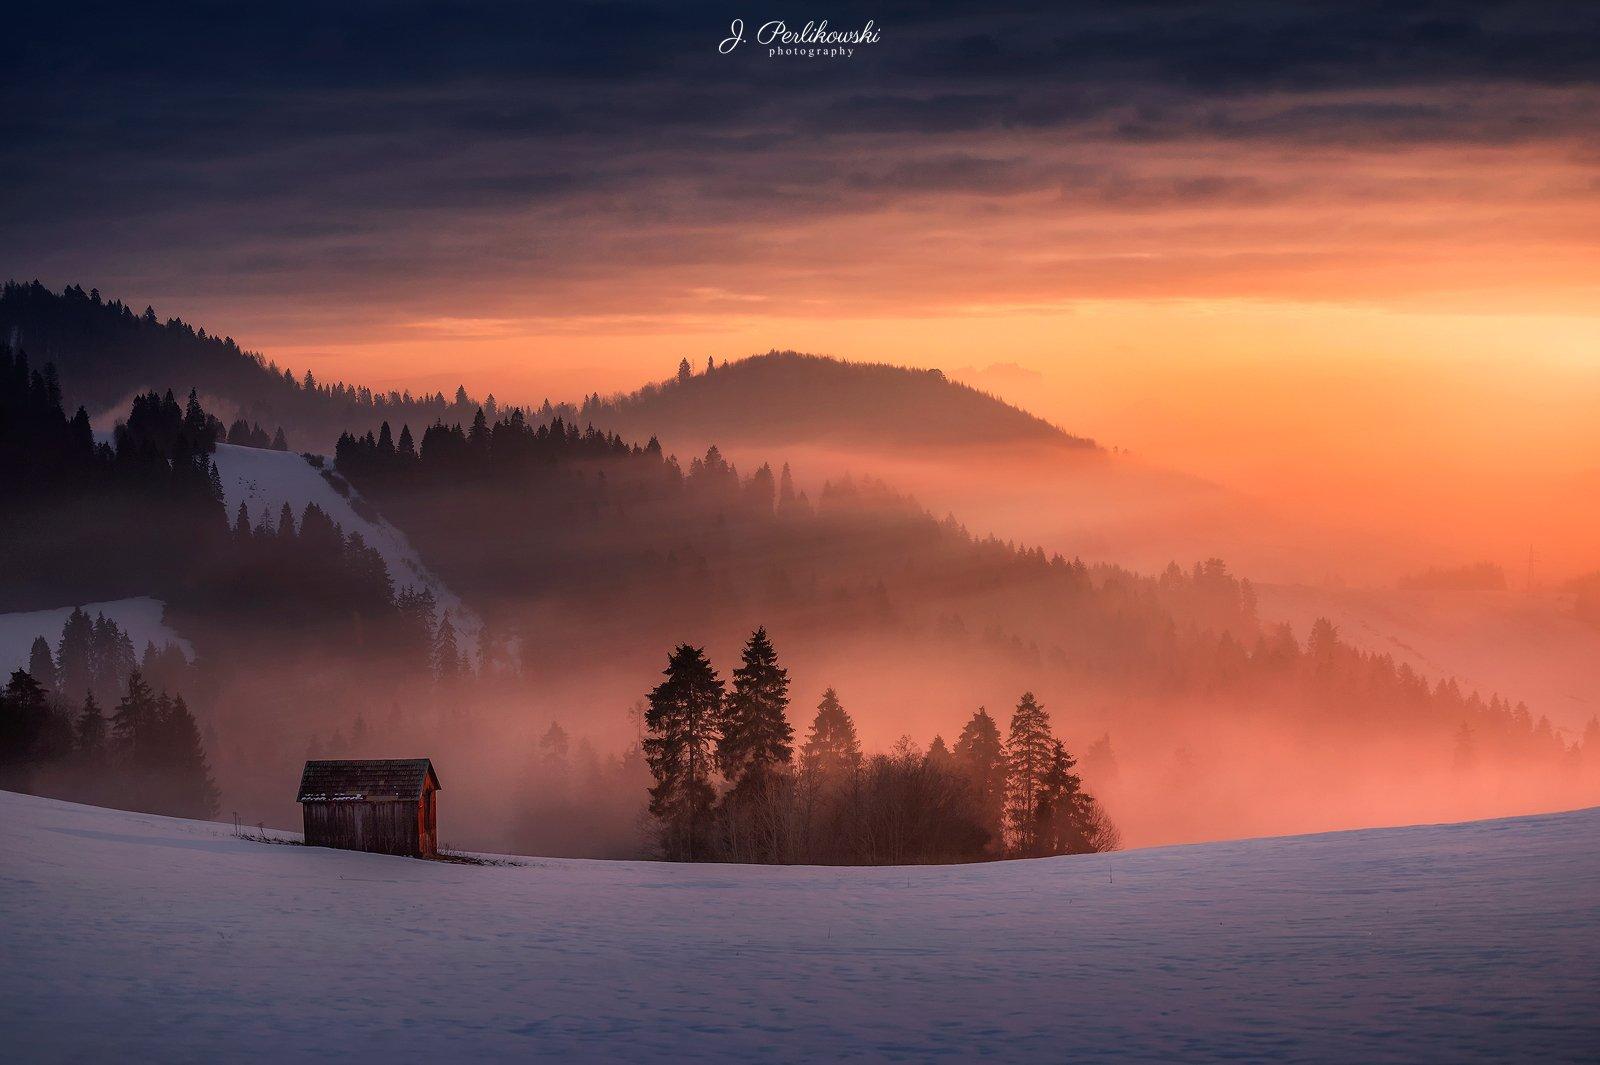 mountains, sunrise, landscape, Perlikowski Jakub